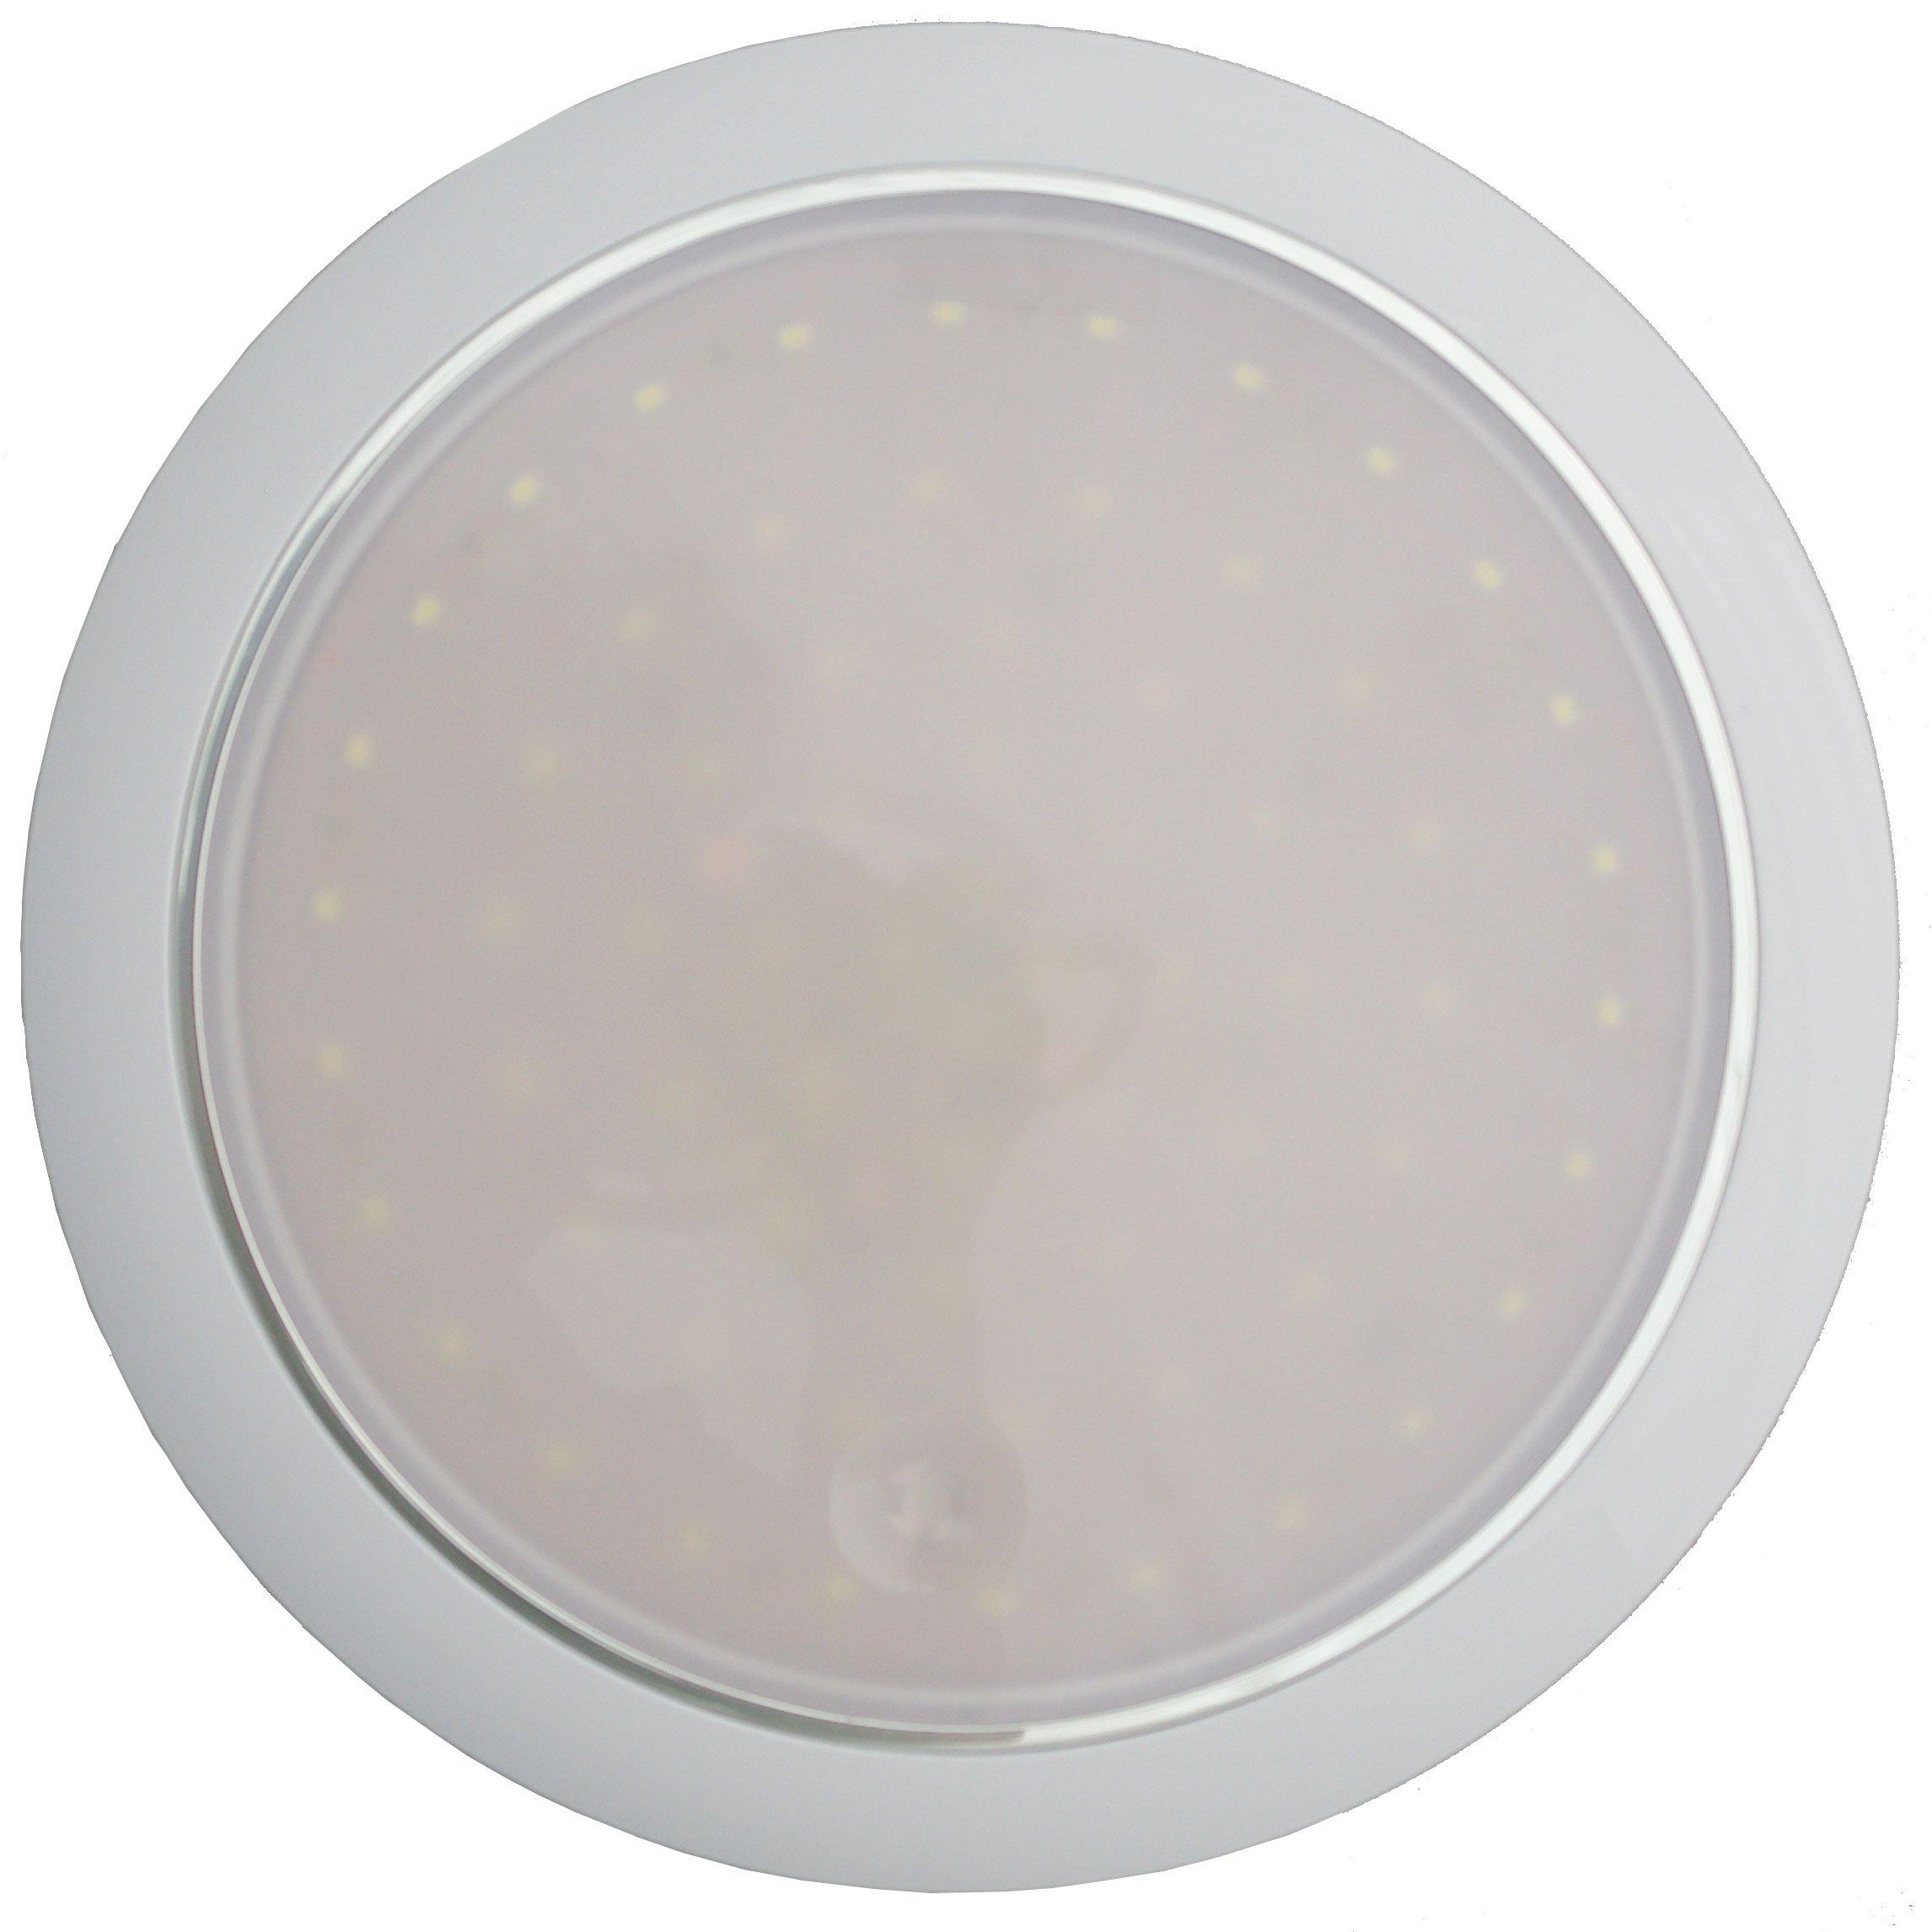 Kaper II WP09-0061 White Interior/Exterior LED Light